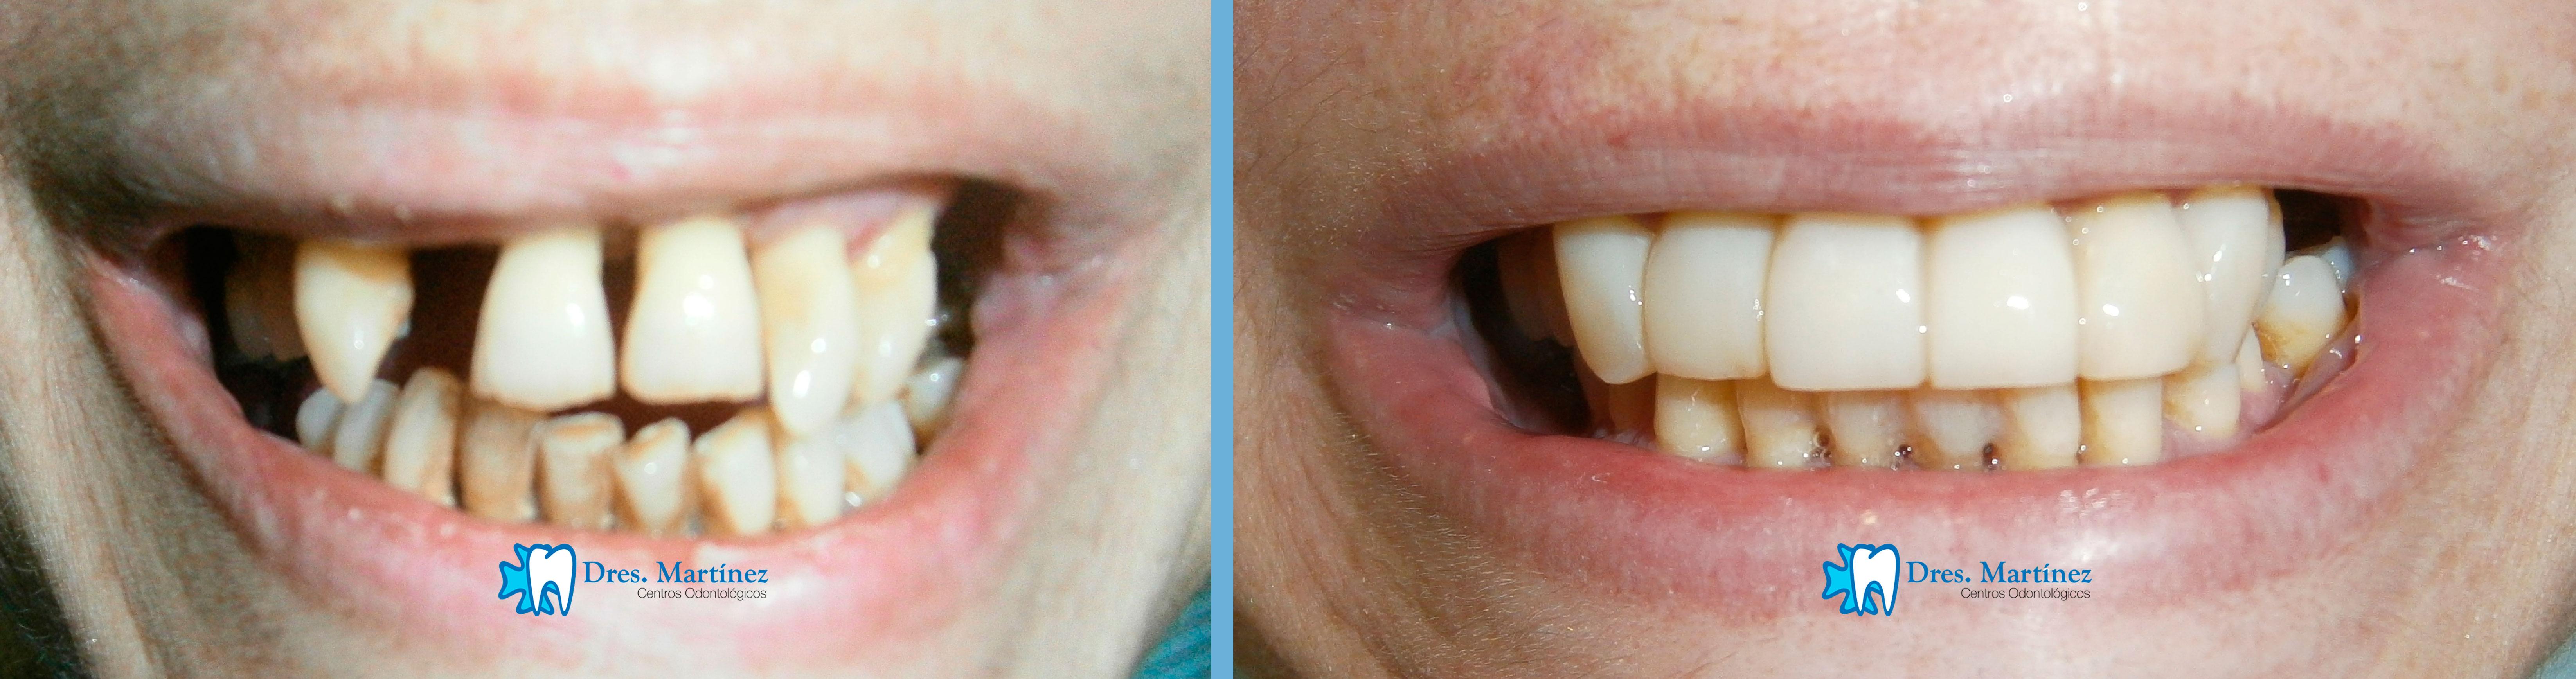 rehabilitacion-anterior-paciente-tratada-de-enfermedad-periodontal-previamente-con-posterior-puente